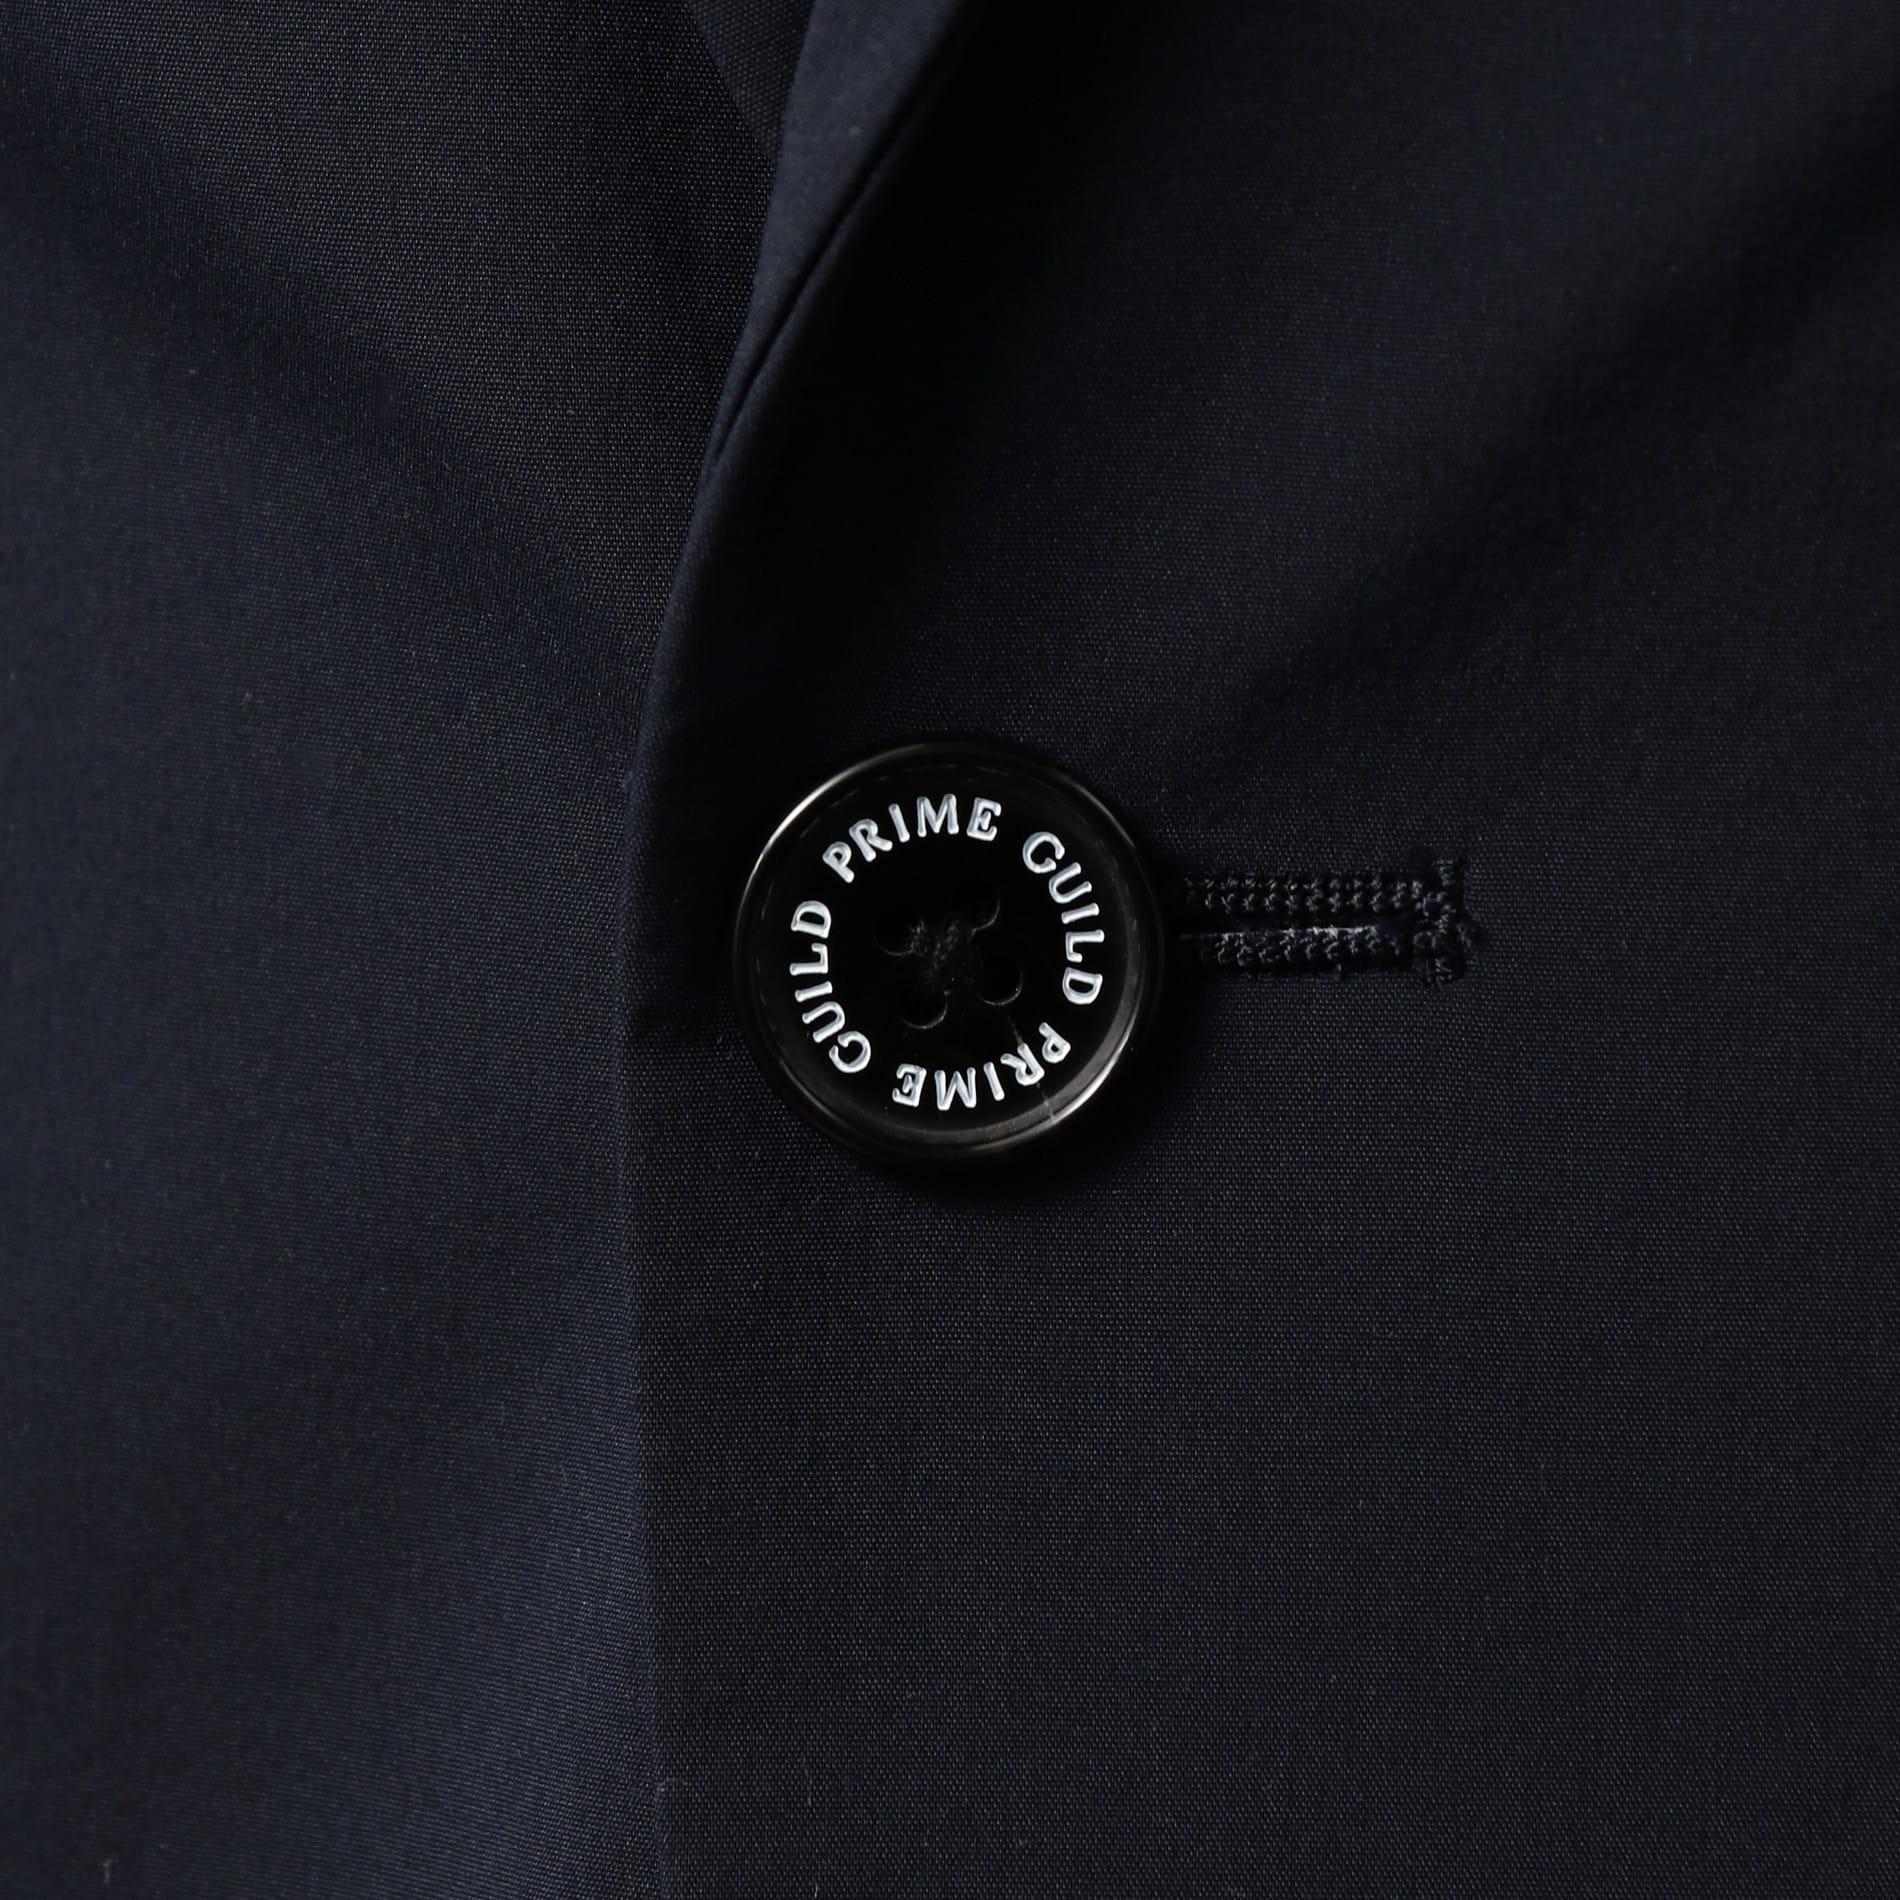 【GUILD PRIME】MEN ウォーターリペレントアームラインジャケット